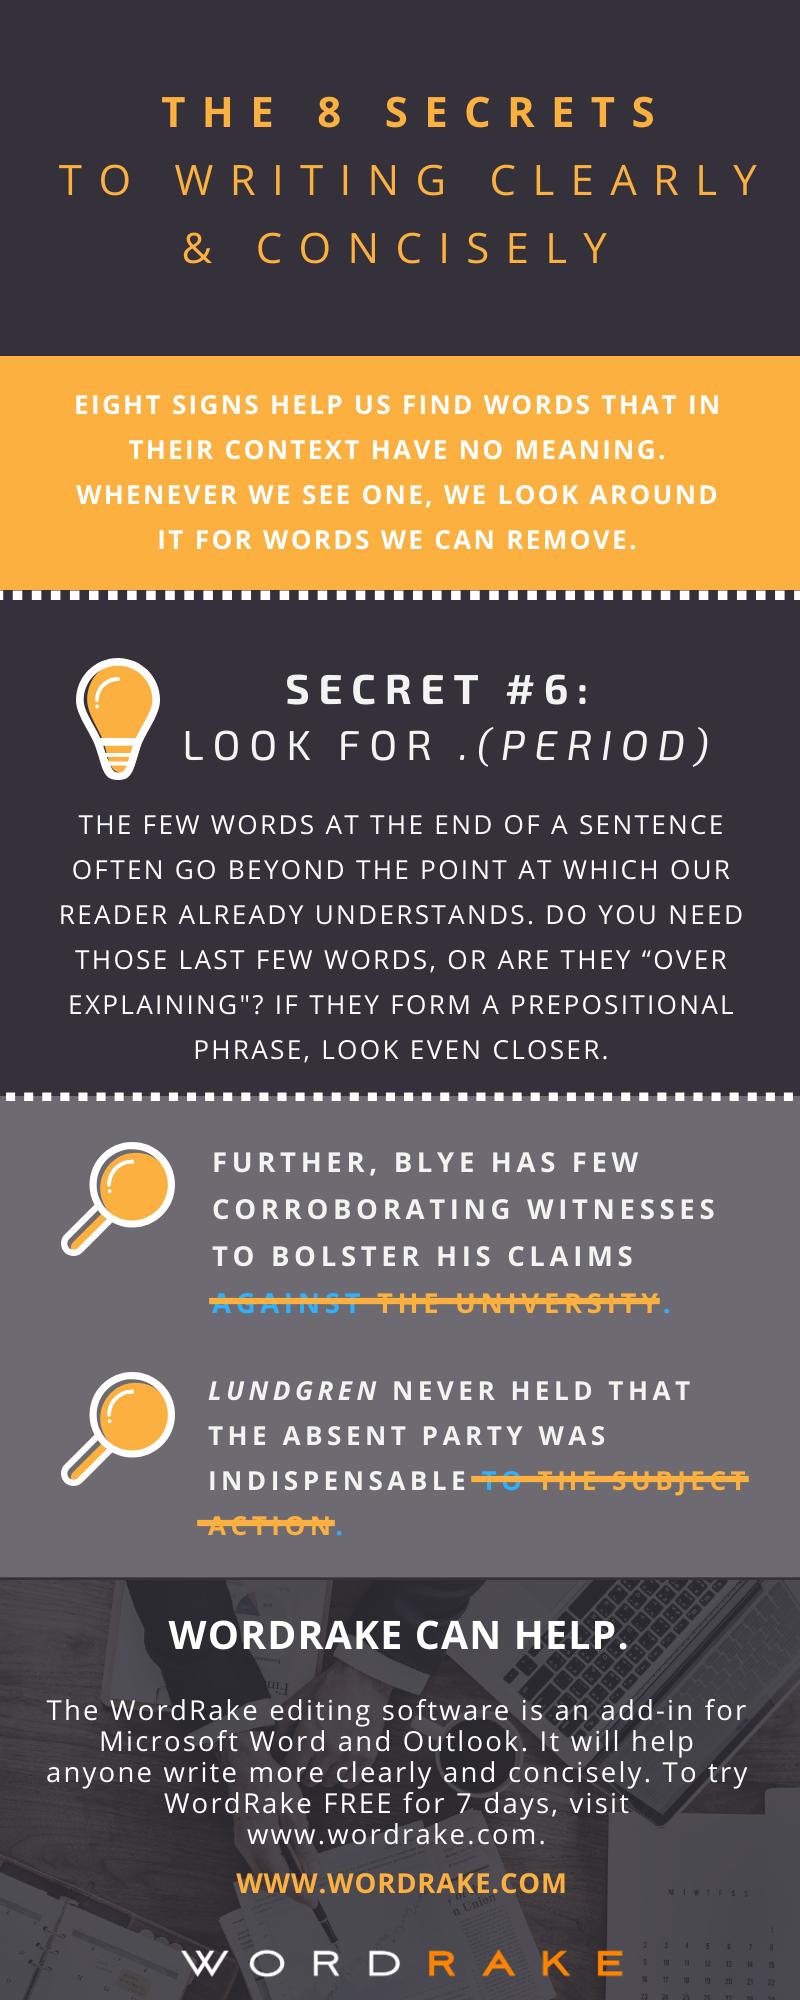 Concise Secret 6 - Period (Long)